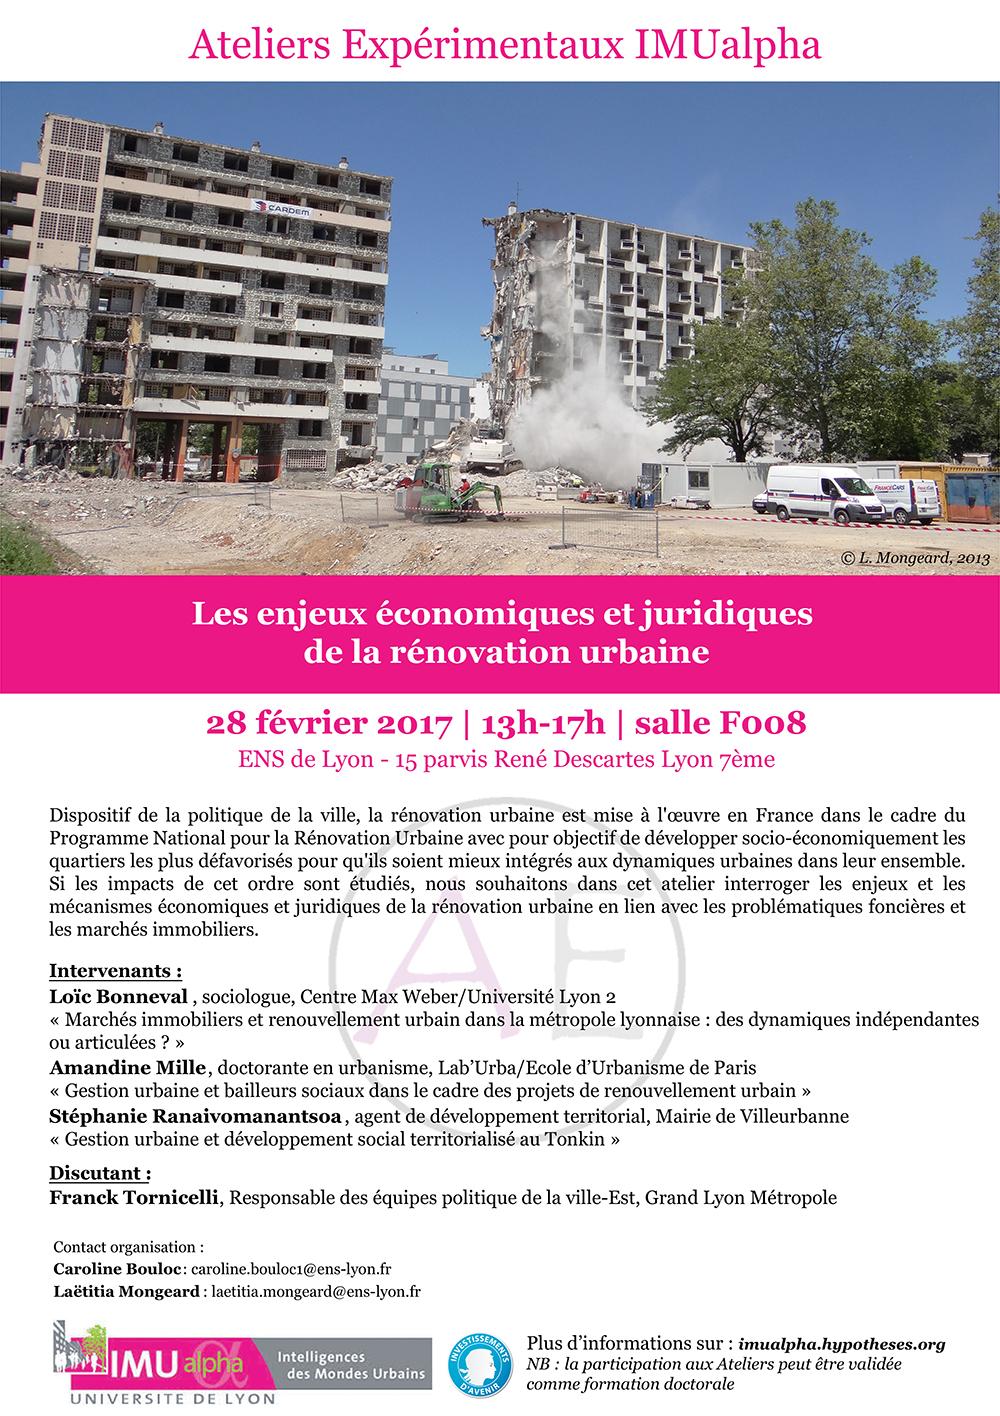 rénovation urbaine renouvellement urbain